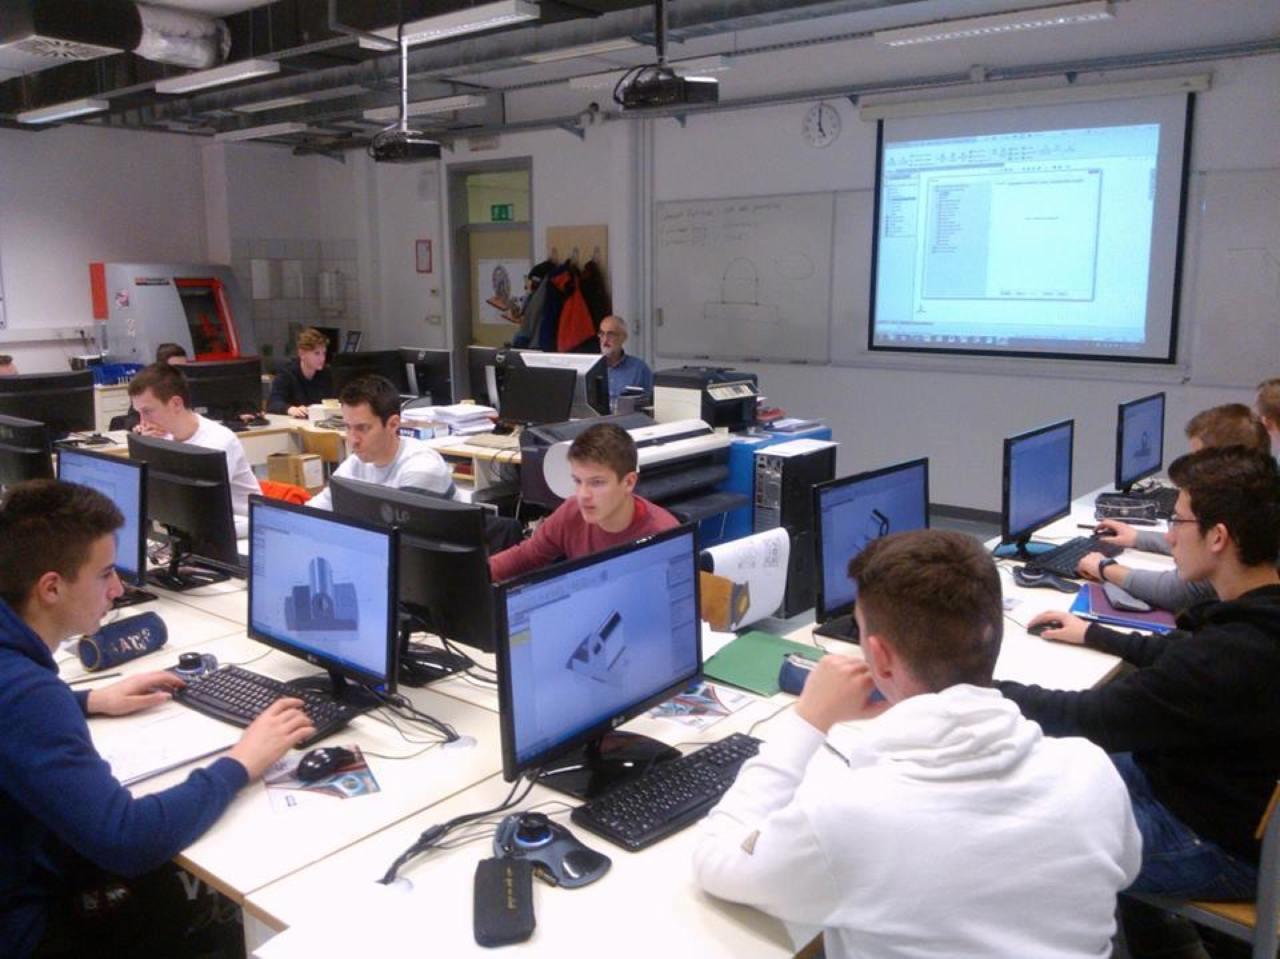 Srednja škola Buzet ulaže u znanje svojih učenika.Tako su kroz projekt ERASMUS+ od EU dobili oko 600.000 kuna, a 52 učenika buzetske škole u sklopu tog projekta odlaze u Srednju tehničku školu Kopar opremljenu najsuvremenijom opremom.